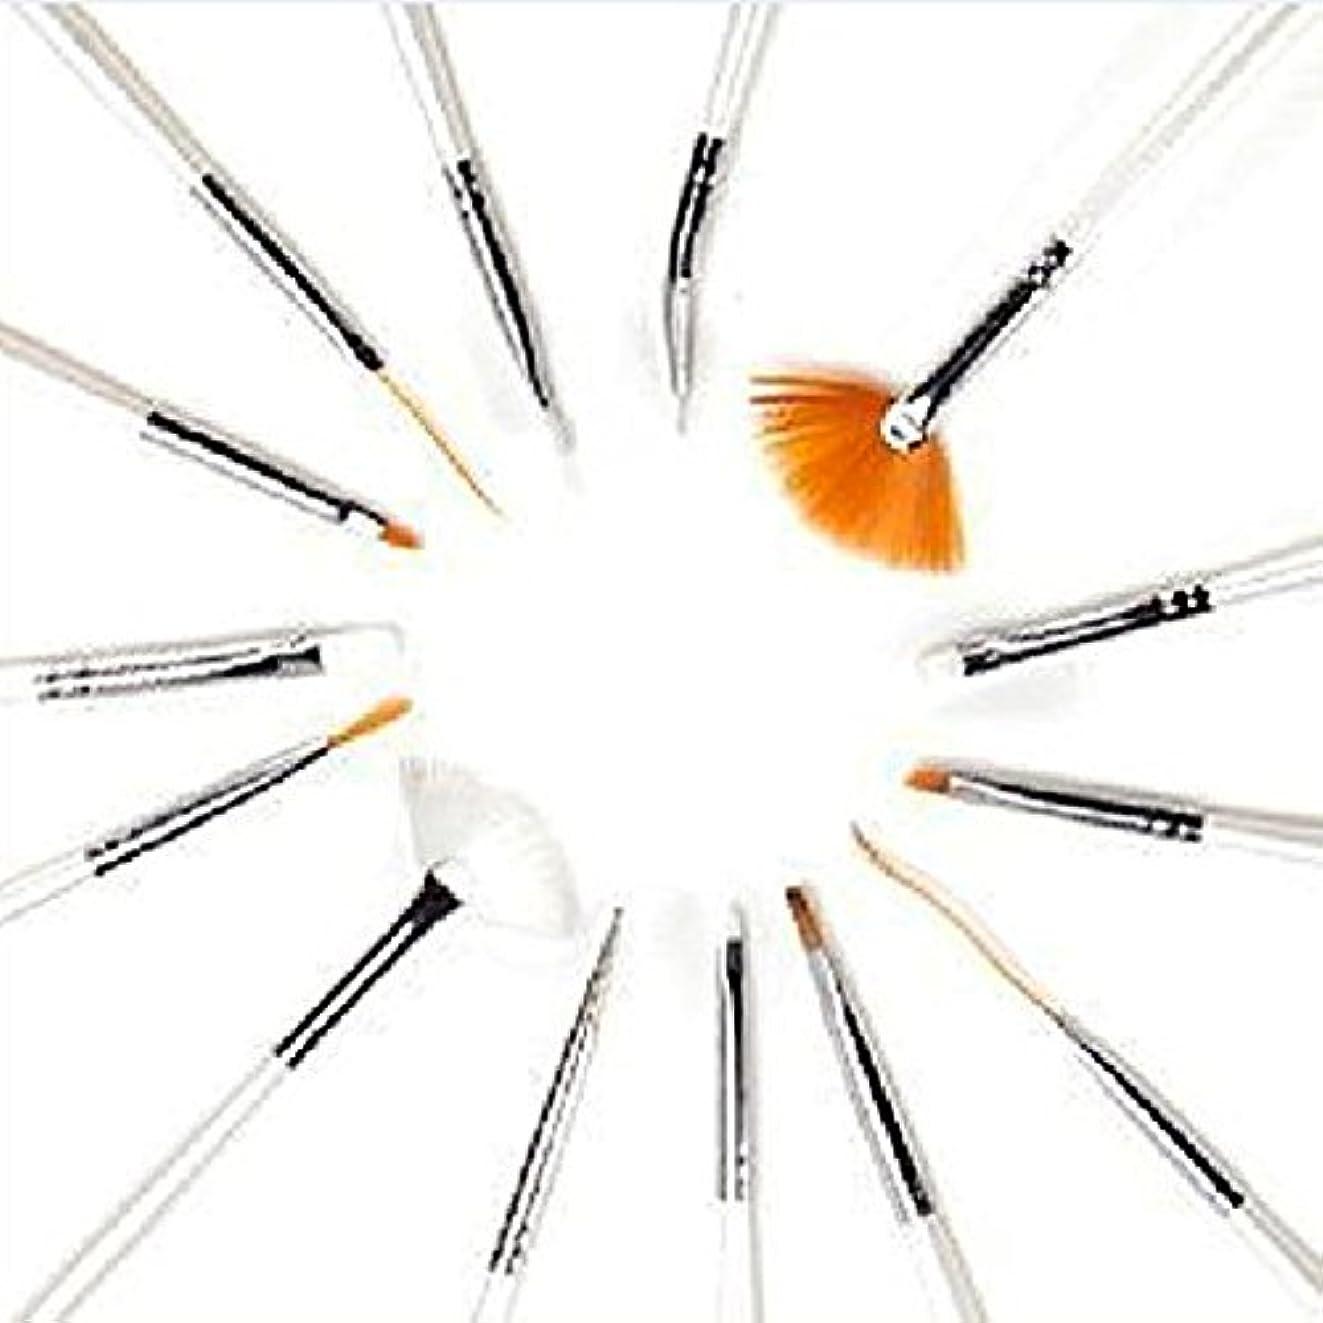 毎日オンス勇気Hommy 15ピース UVジェルデザインペイント ペン ネイルアート ブラシ セット サロン用 マニキュア DIY 道具